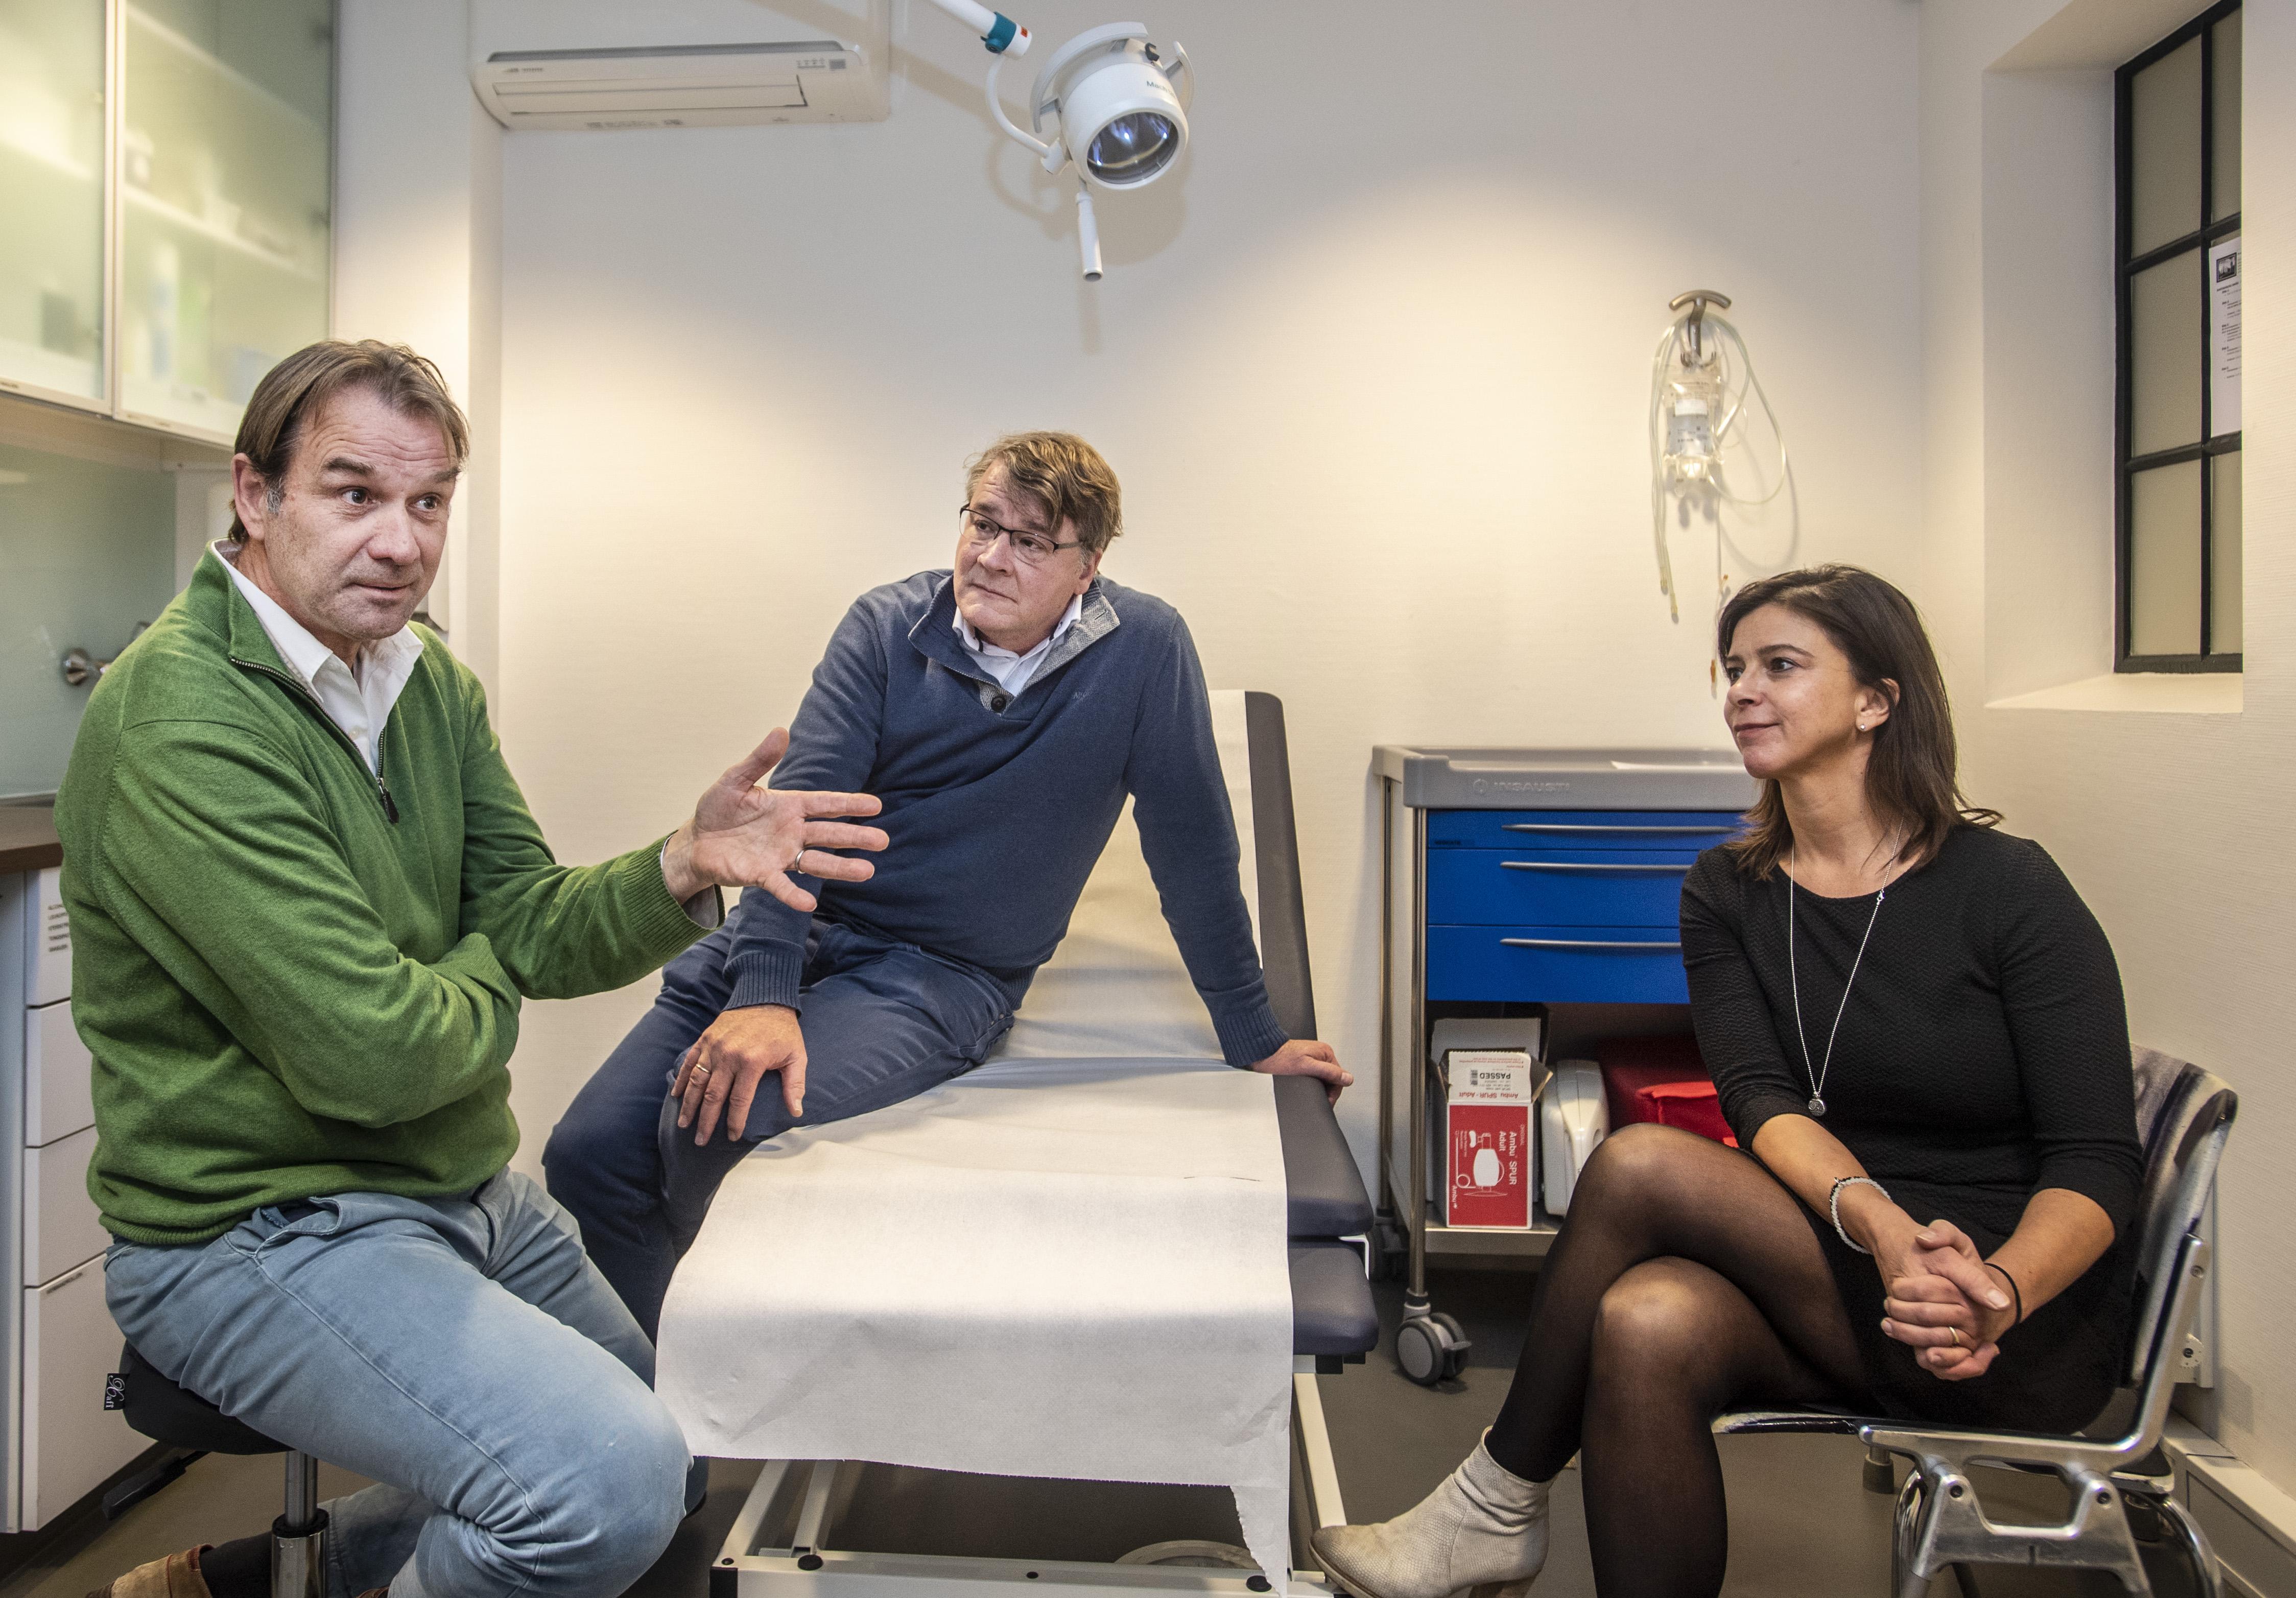 Huisartsenactiegroep Het Roer Moet Om in IJmuiden en Haarlem: 'Het is wachten op ongelukken. Pas opname als patiënt vaas stuk slaat op hoofd van zijn moeder'